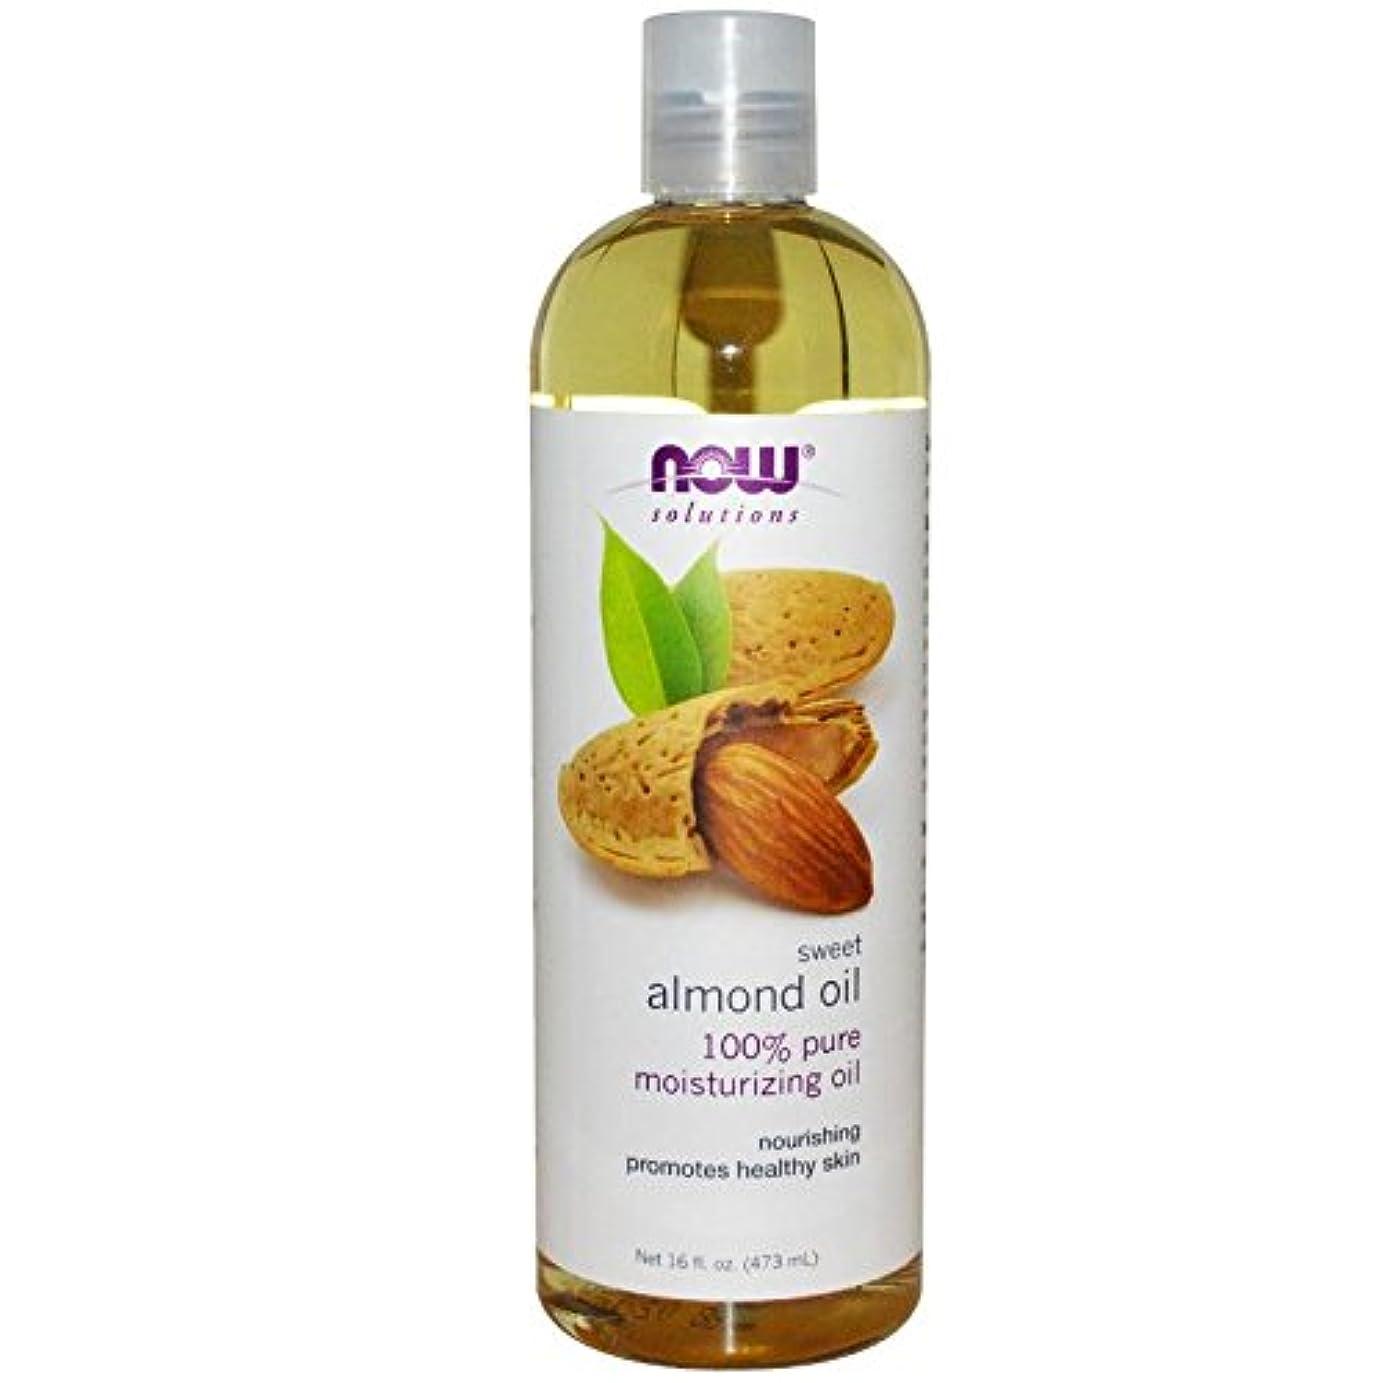 調停者愚かカウンターパート【国内発送】 Now Solutions Sweet Almond Oil 16 oz. (473ml) [並行輸入品]